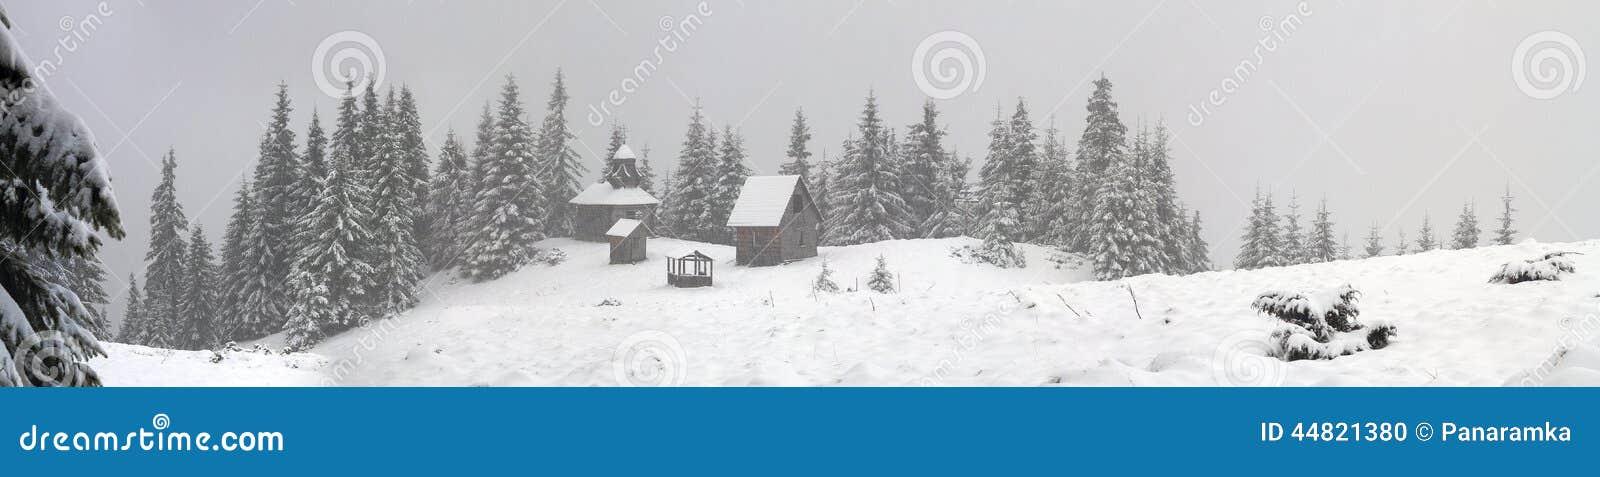 Monastère isolé pendant les chutes de neige